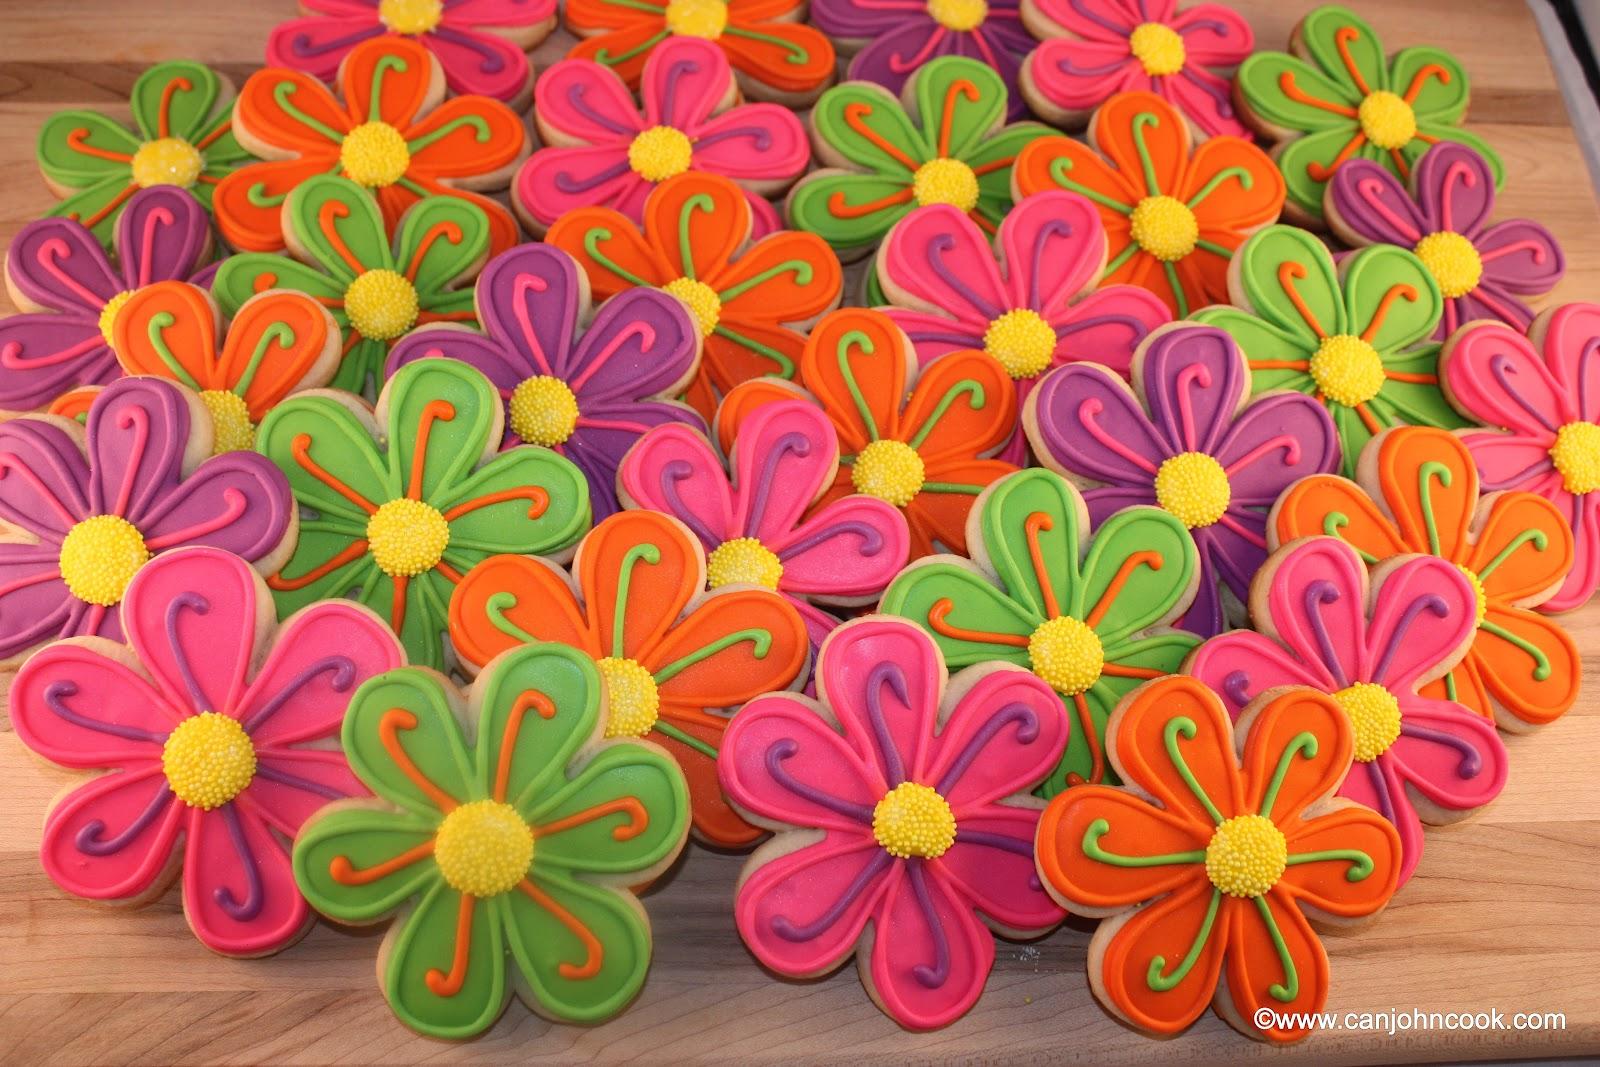 neon flowers sugar cookies can john cook